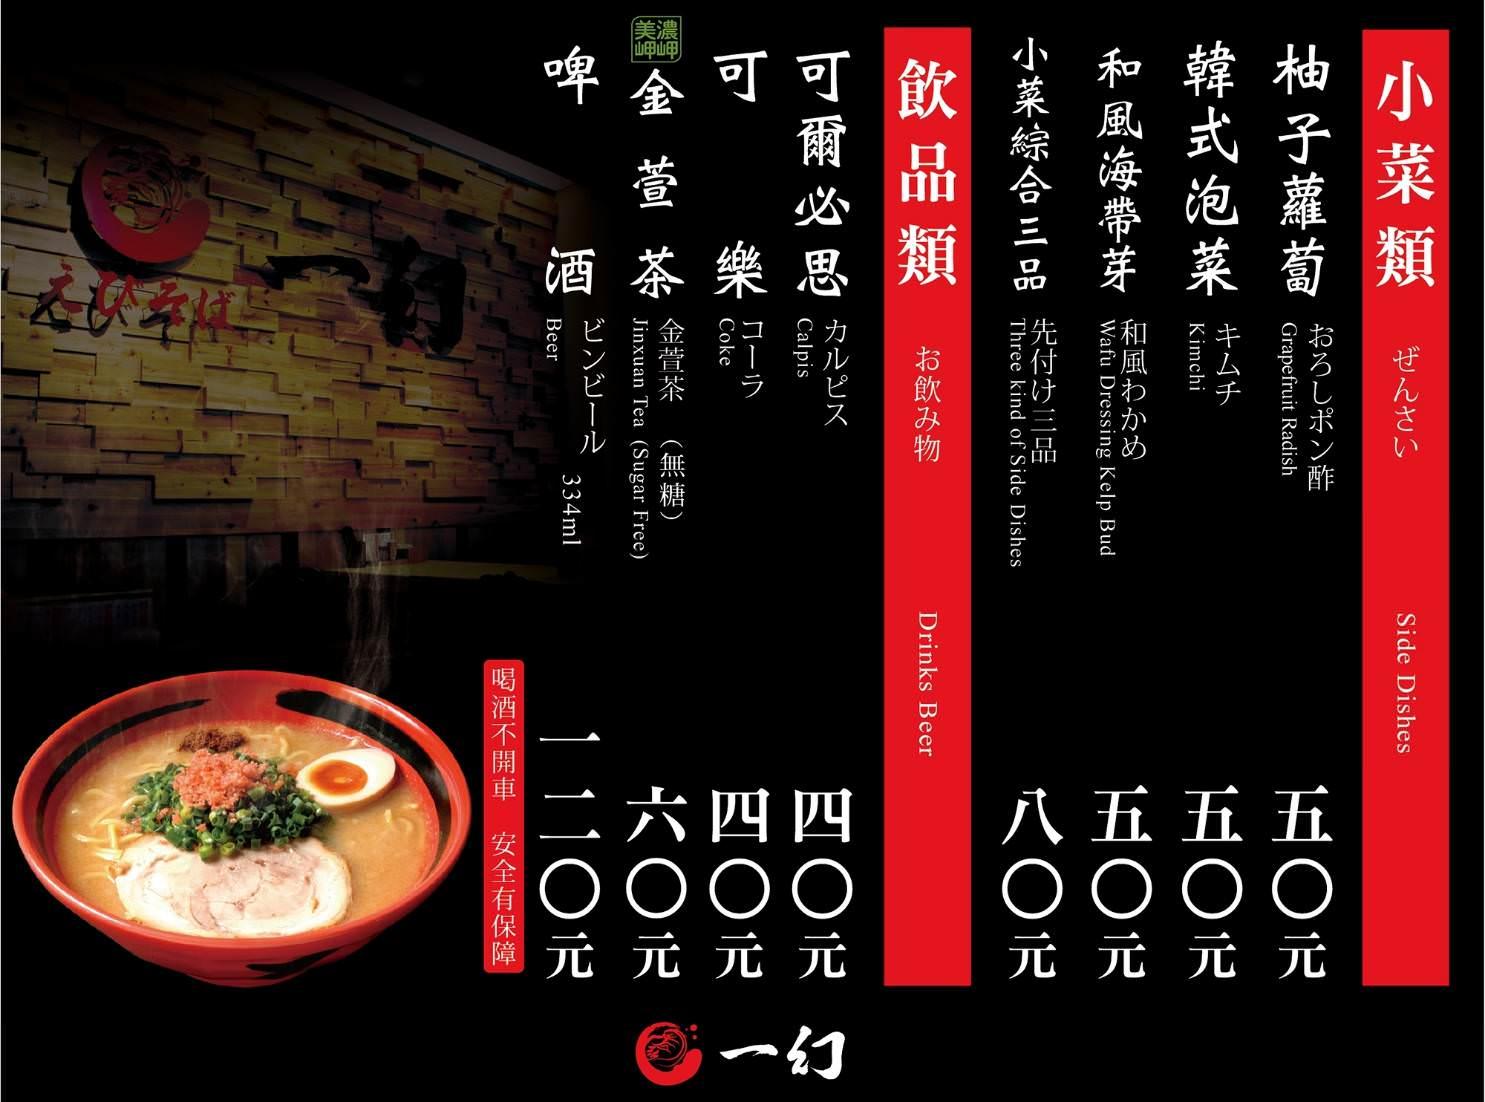 20181111203946 22 - 一幻拉麵,中友百貨也有濃濃蝦味的日式拉麵~